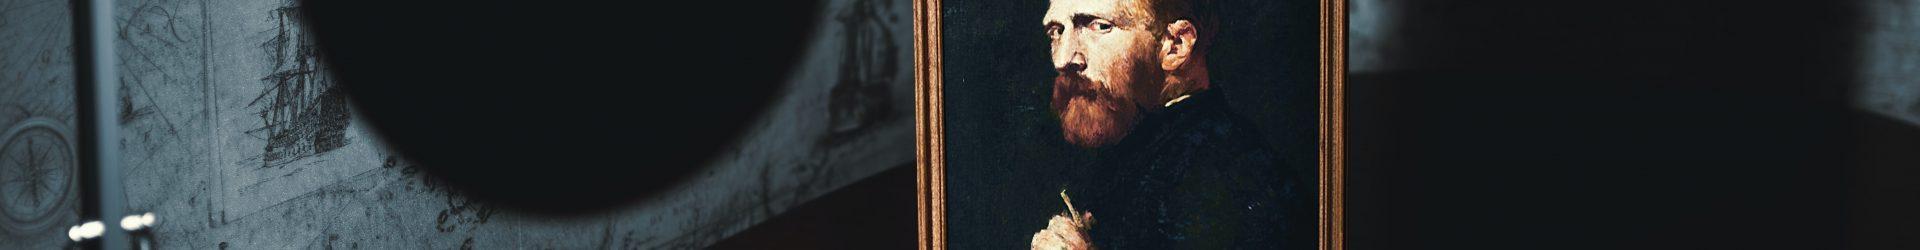 Van Gogh versus Mondriaan